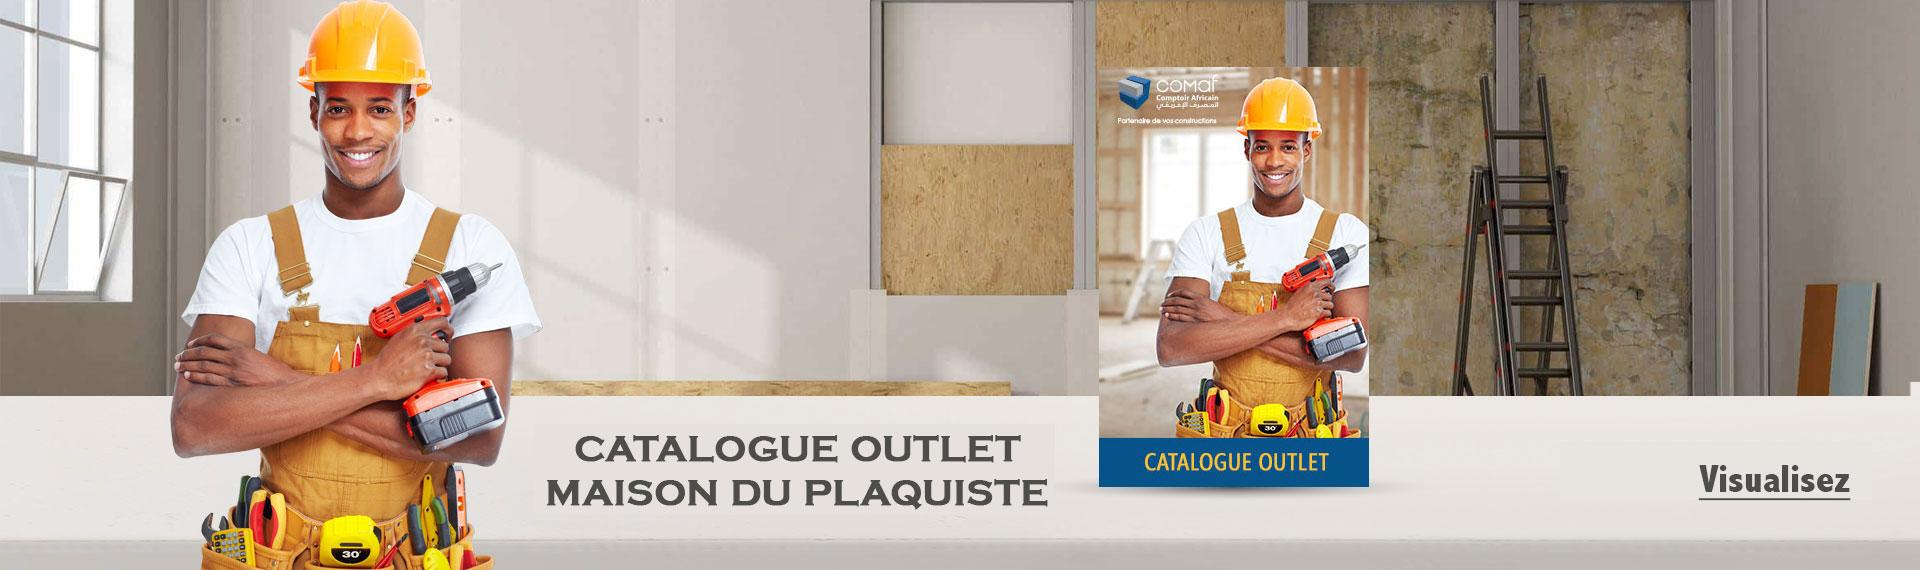 Catalogue Outlet LMP